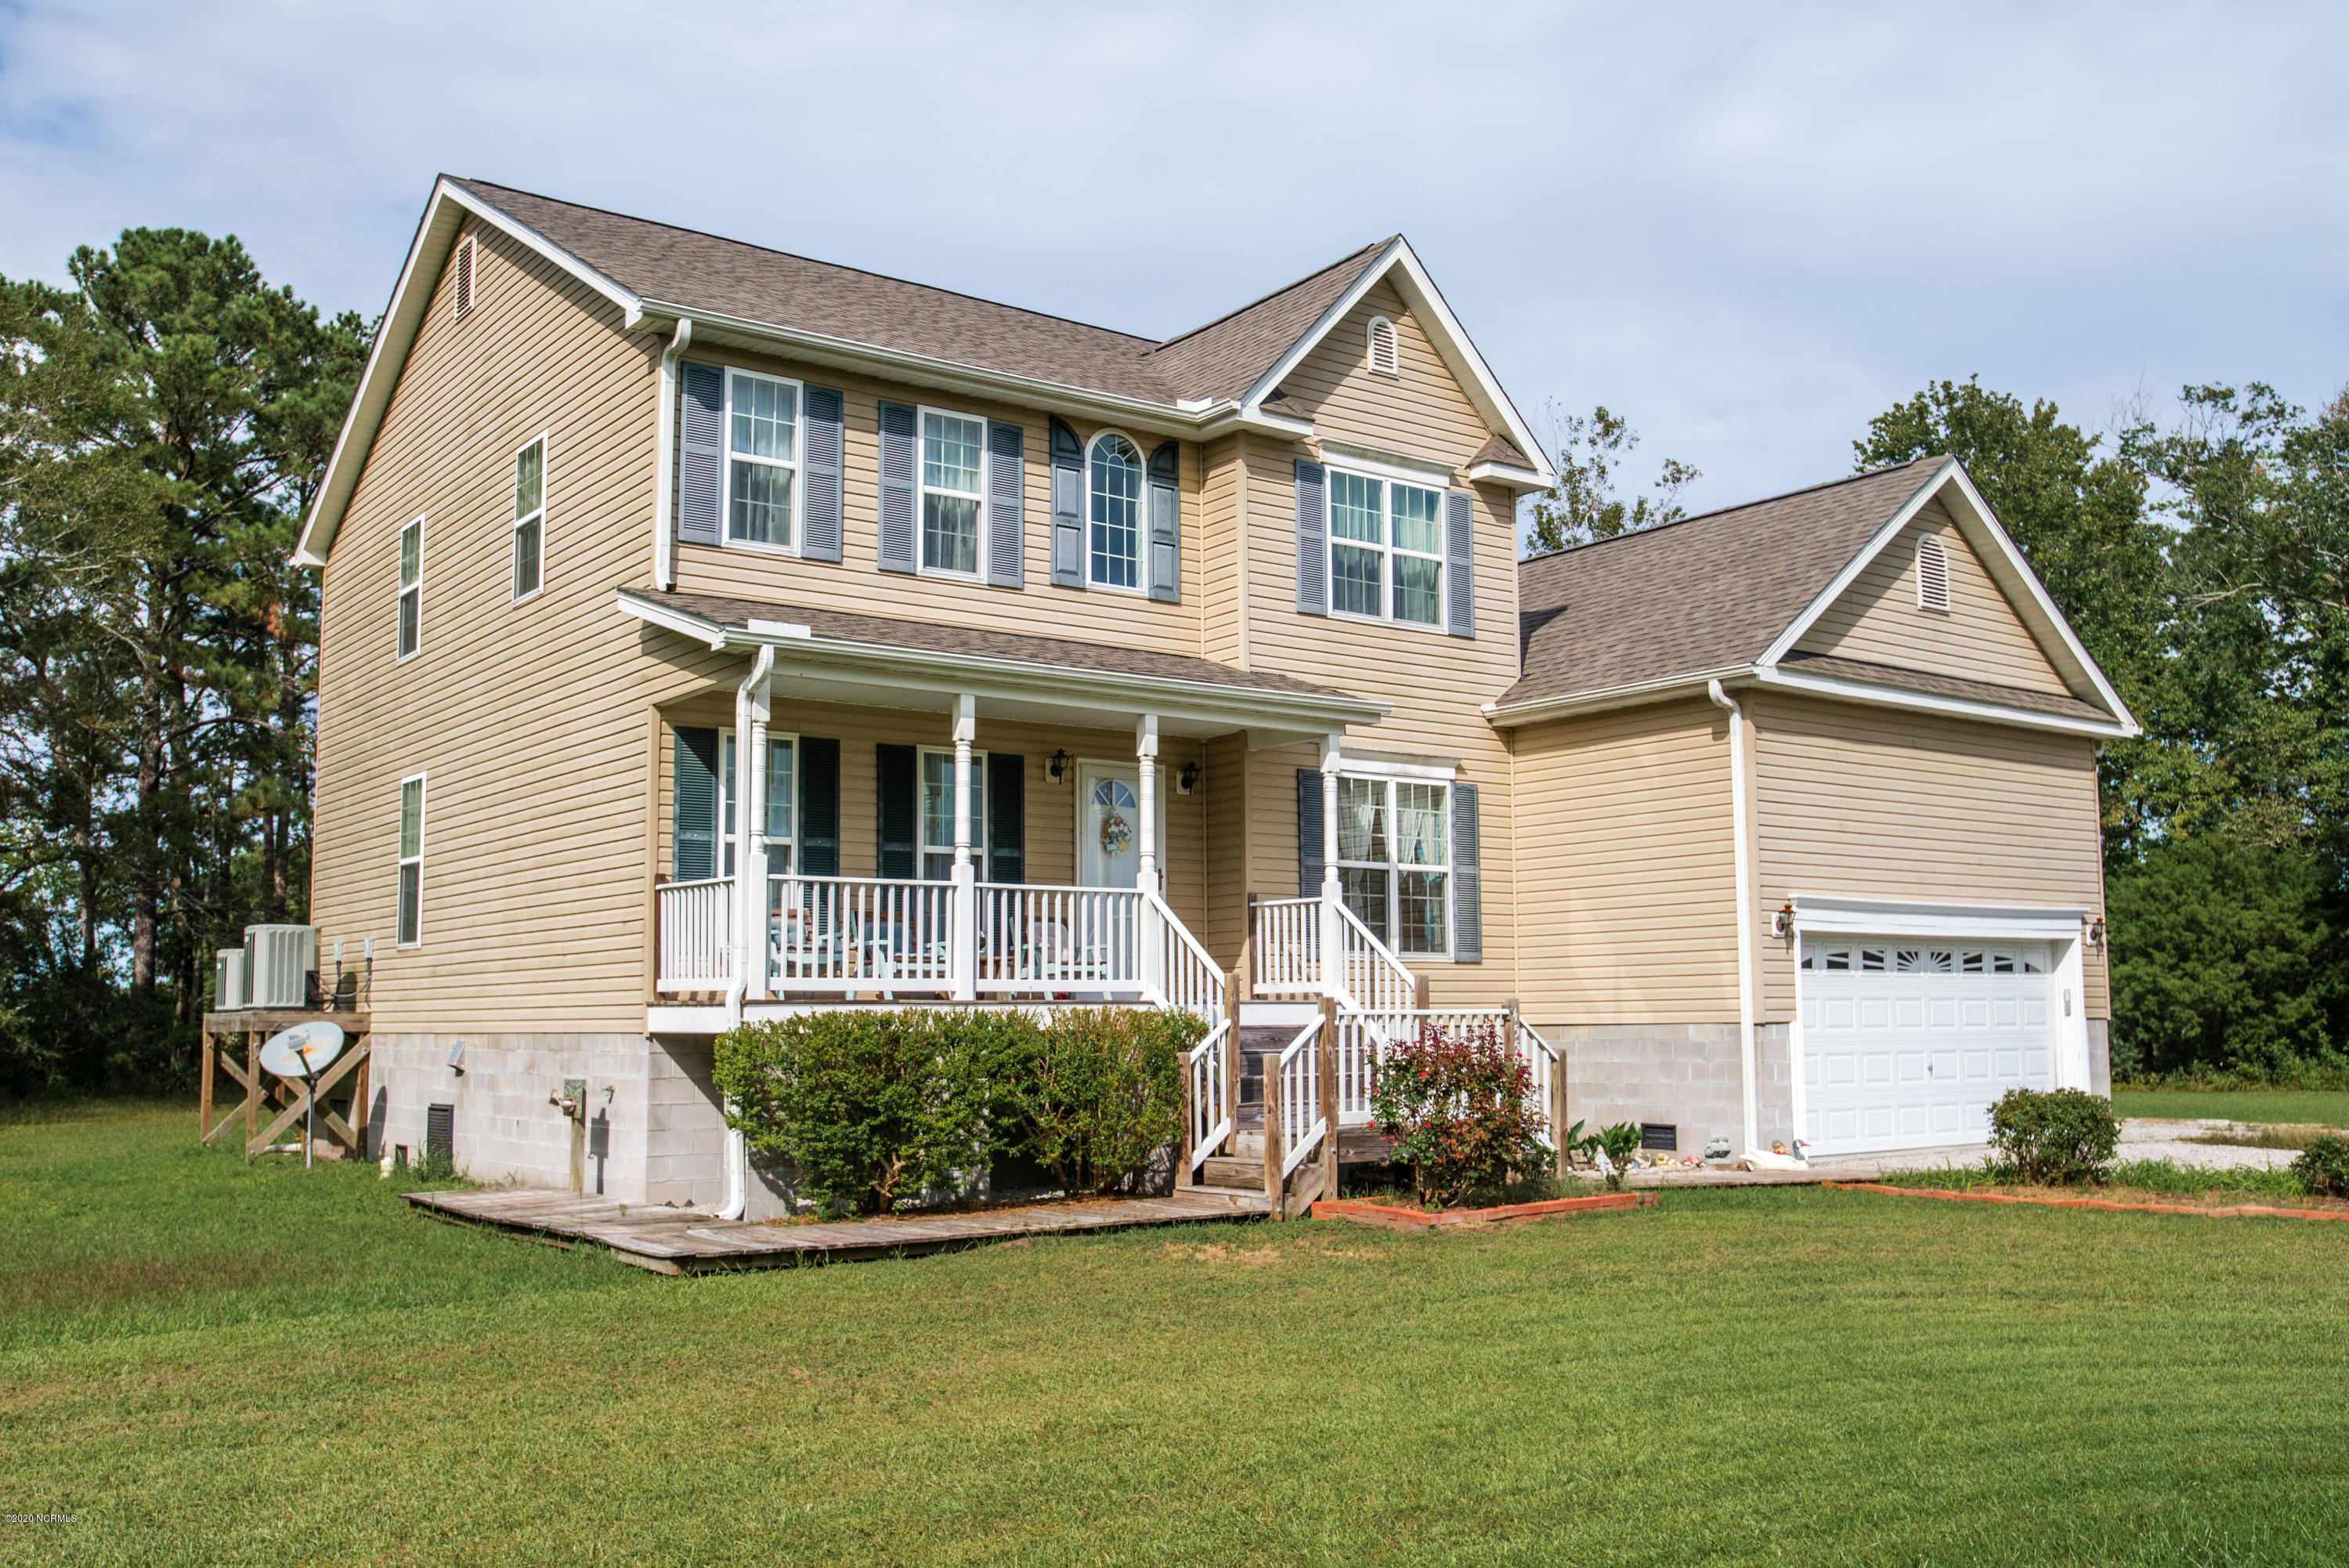 4559 Janiero Road, Arapahoe, North Carolina 28510, 4 Bedrooms Bedrooms, 8 Rooms Rooms,2 BathroomsBathrooms,Single family residence,For sale,Janiero,100238566